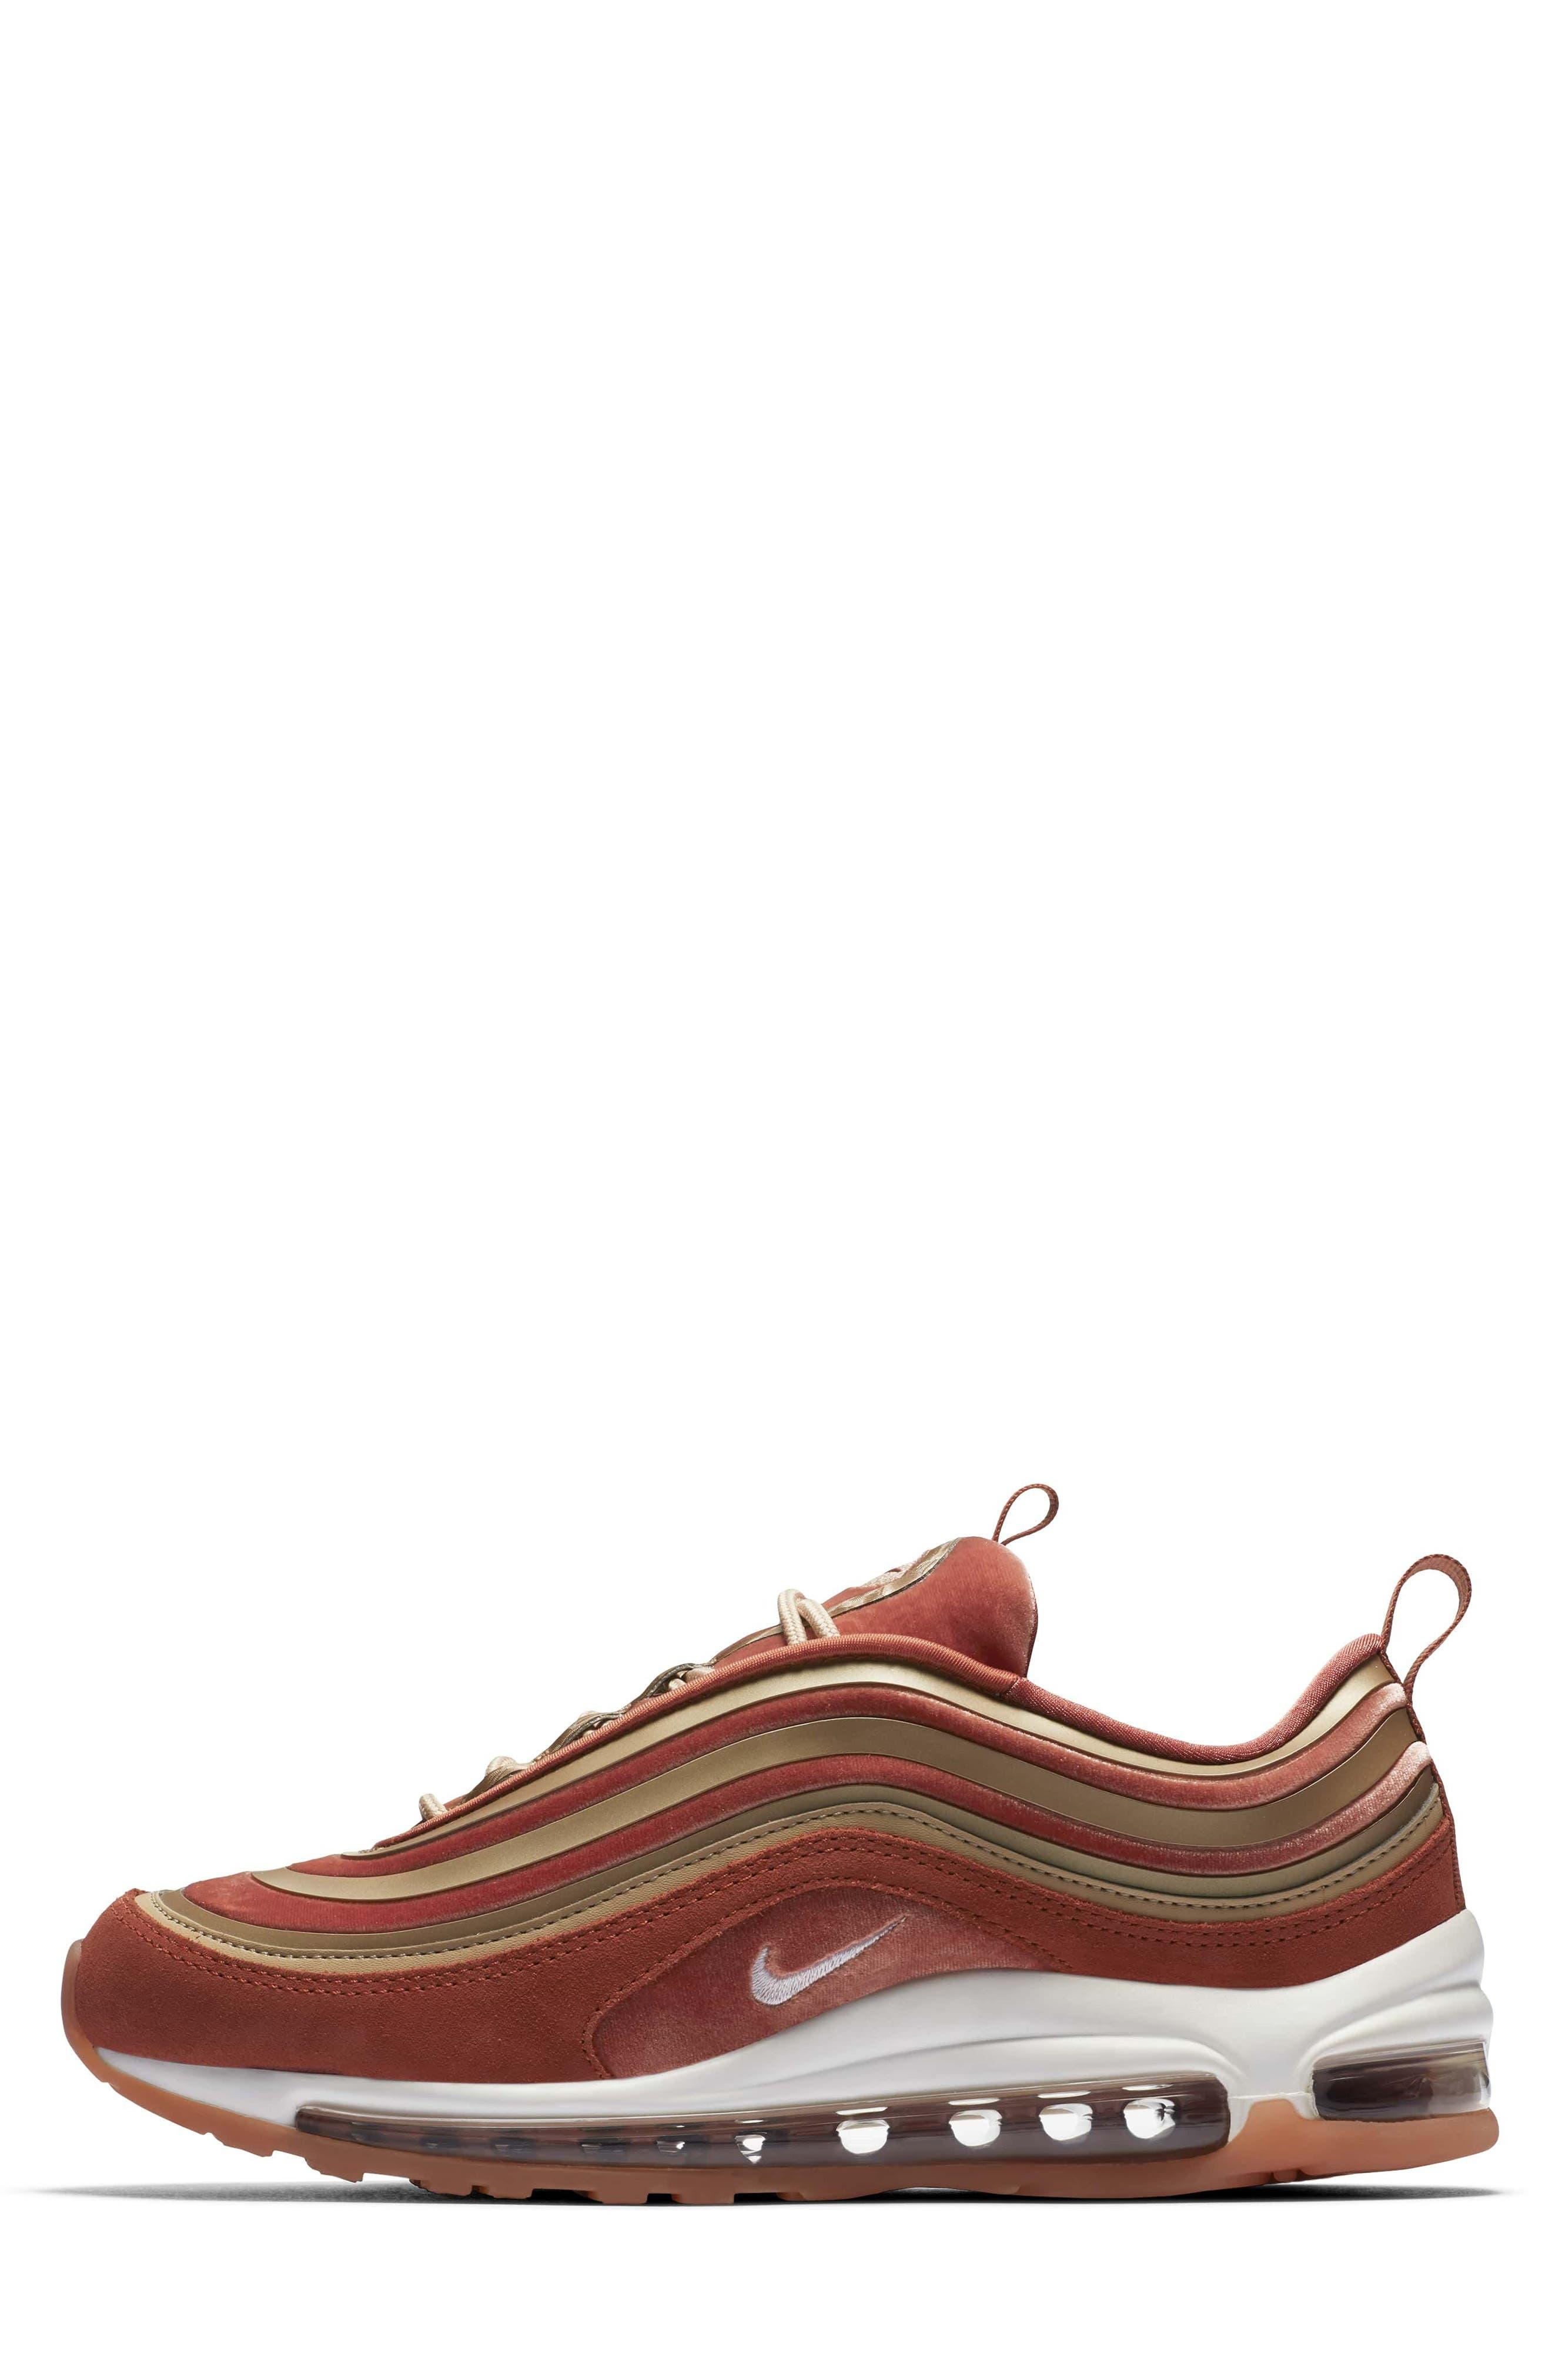 Alternate Image 1 Selected - Nike Air Max 97 Ultra '17 LX Sneaker (Women)